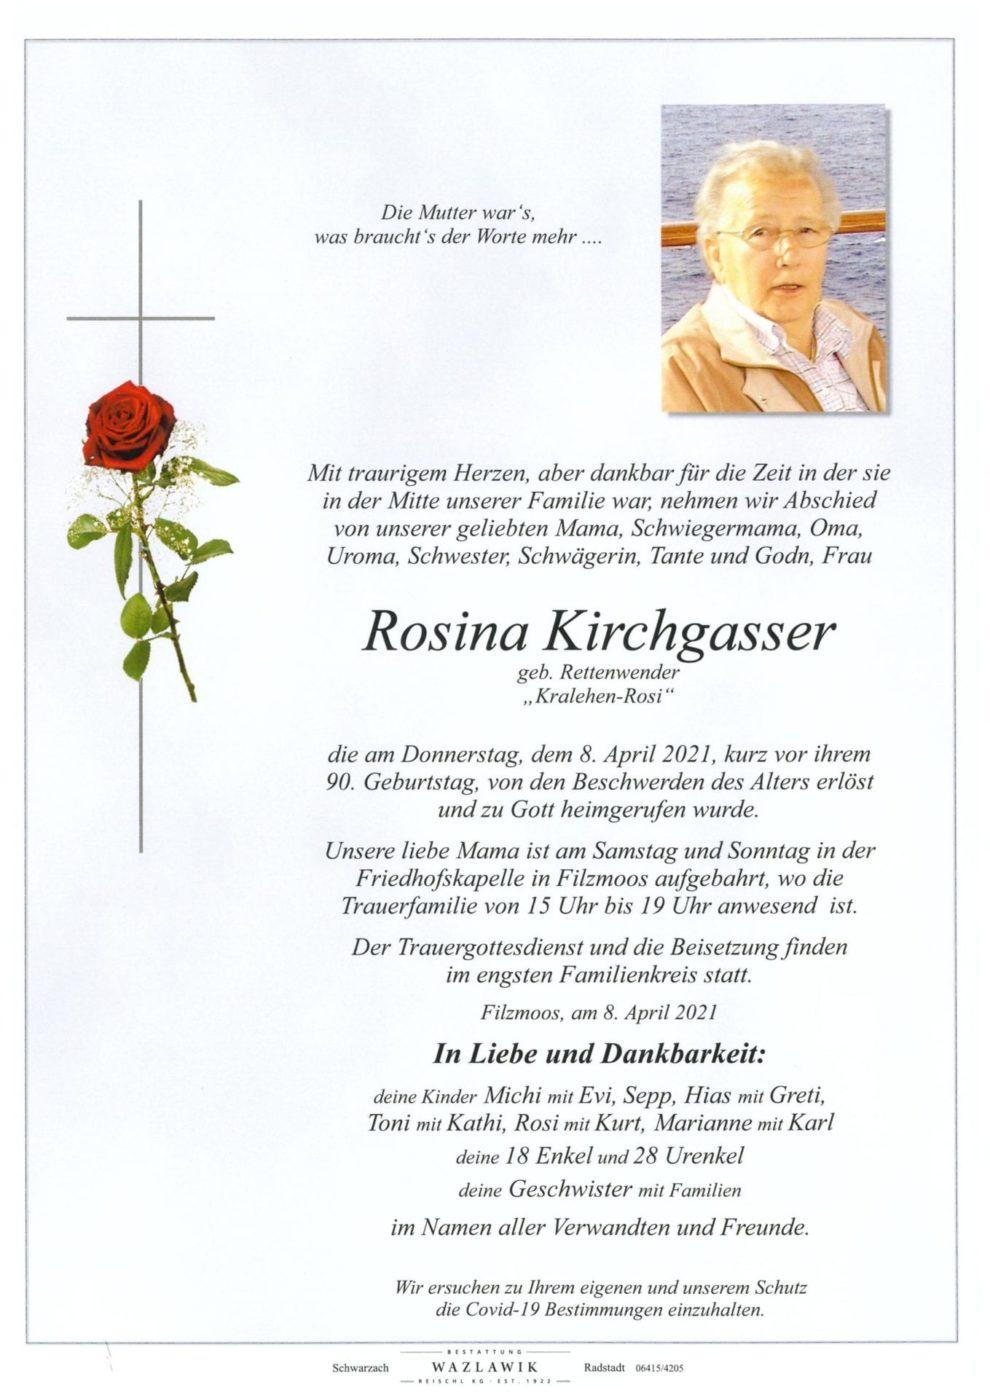 Rosina Kirchgassesr